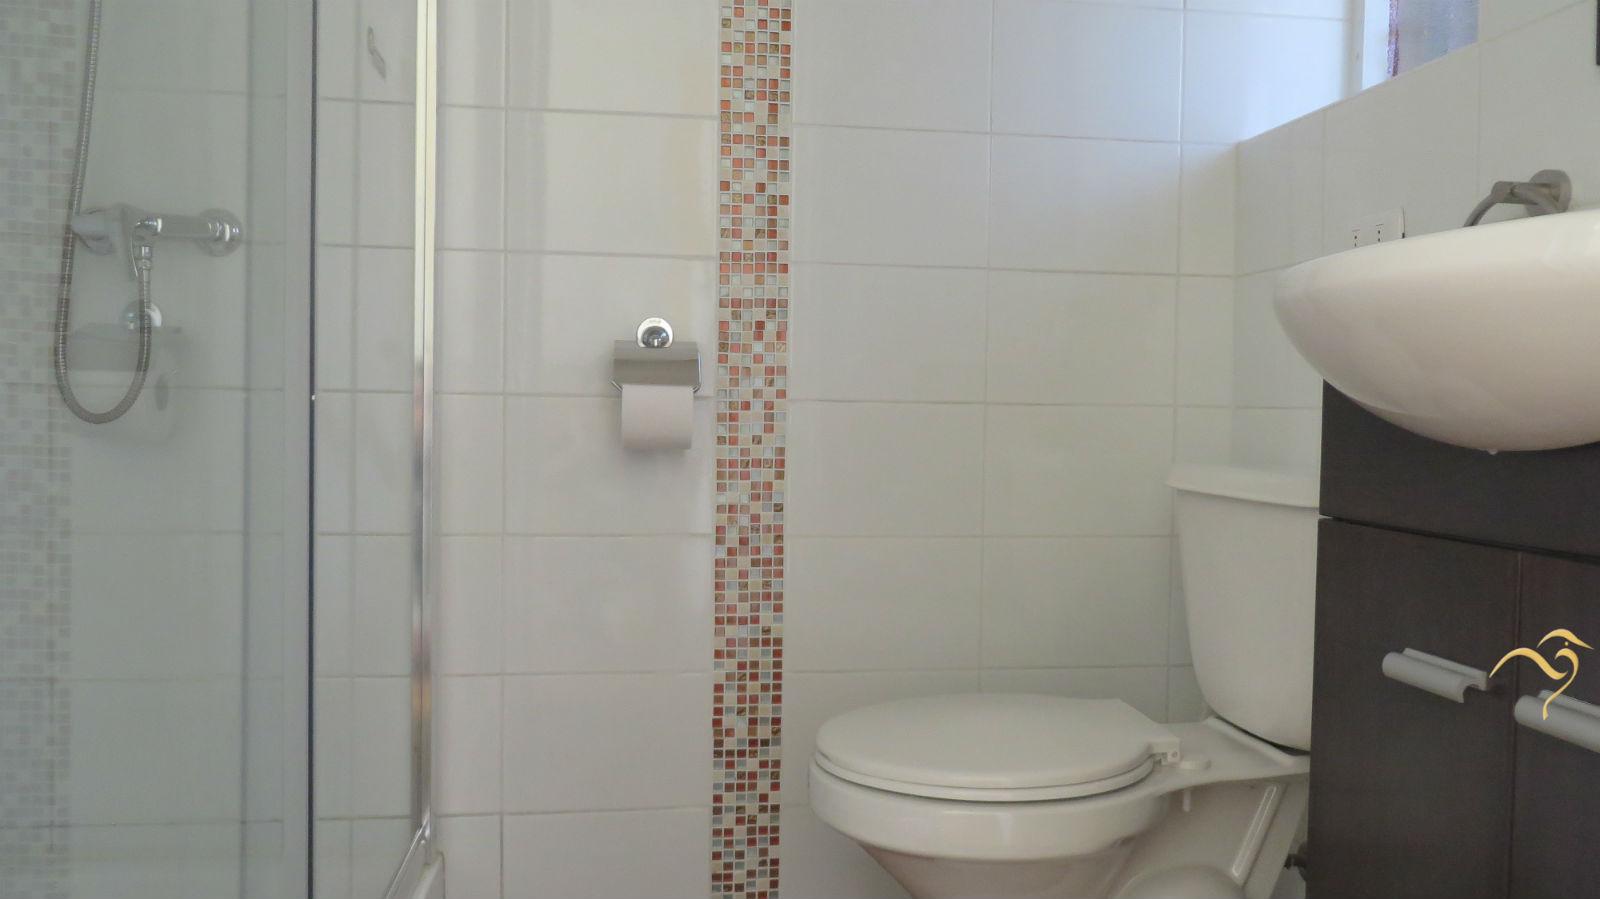 baño privado en concon